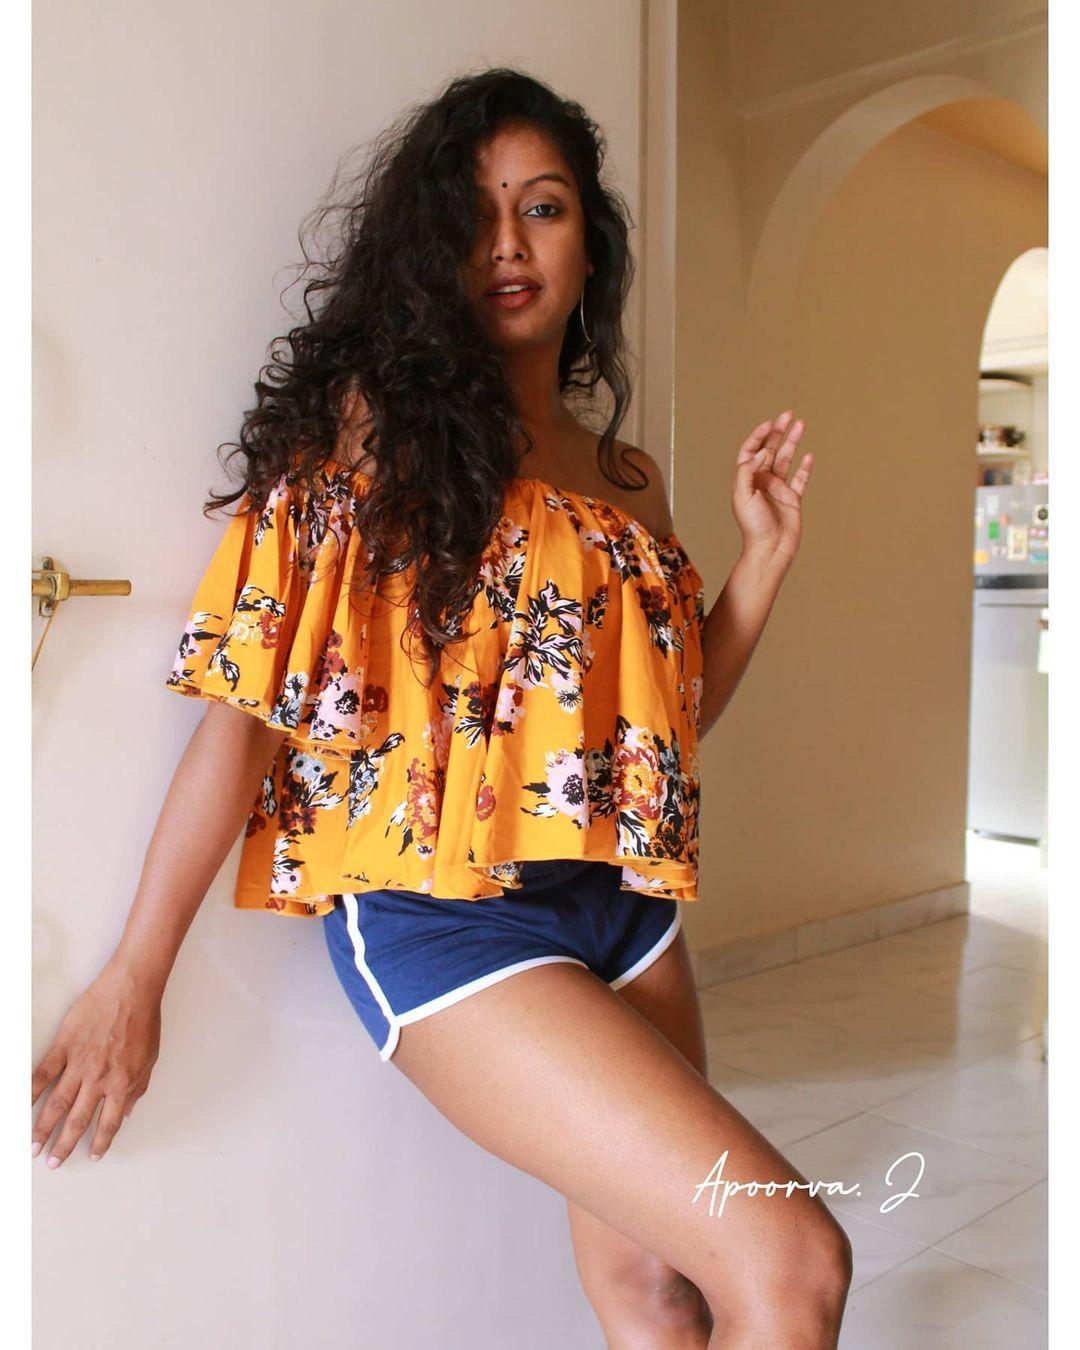 Instagram star Apoorva Jayarajan Photo Gallery (22)